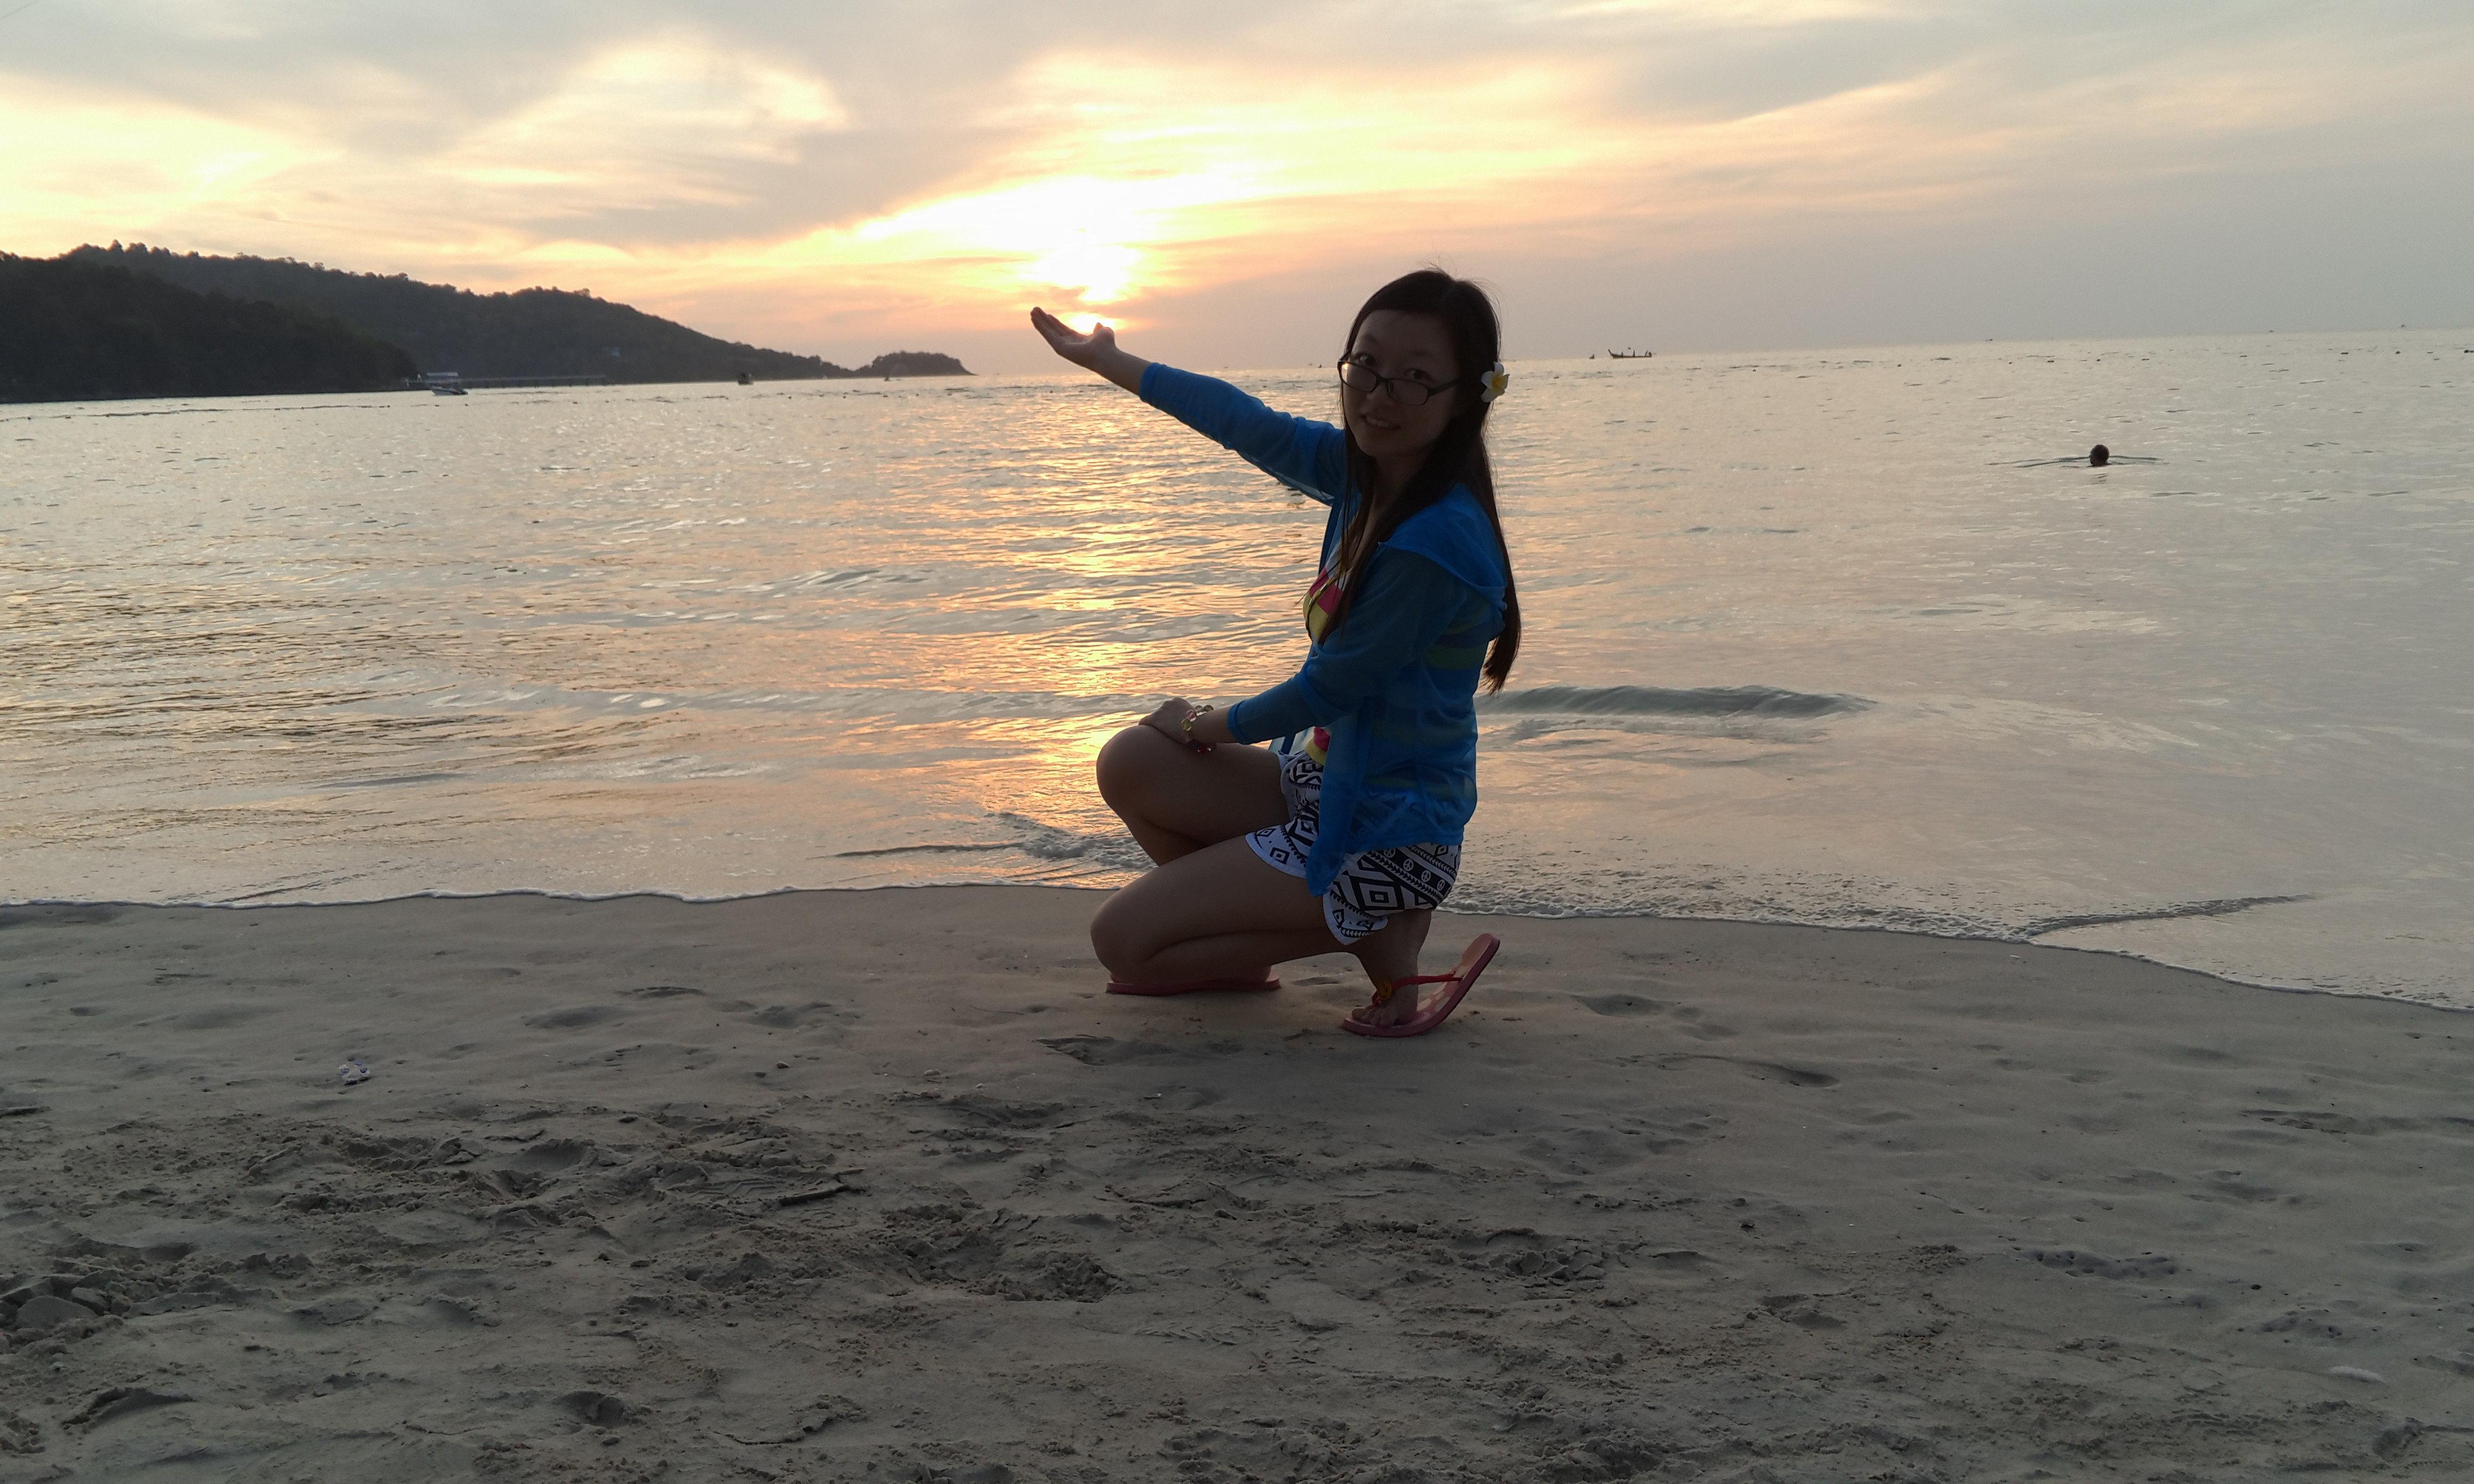 【携程攻略】普吉岛芭东海滩好玩吗